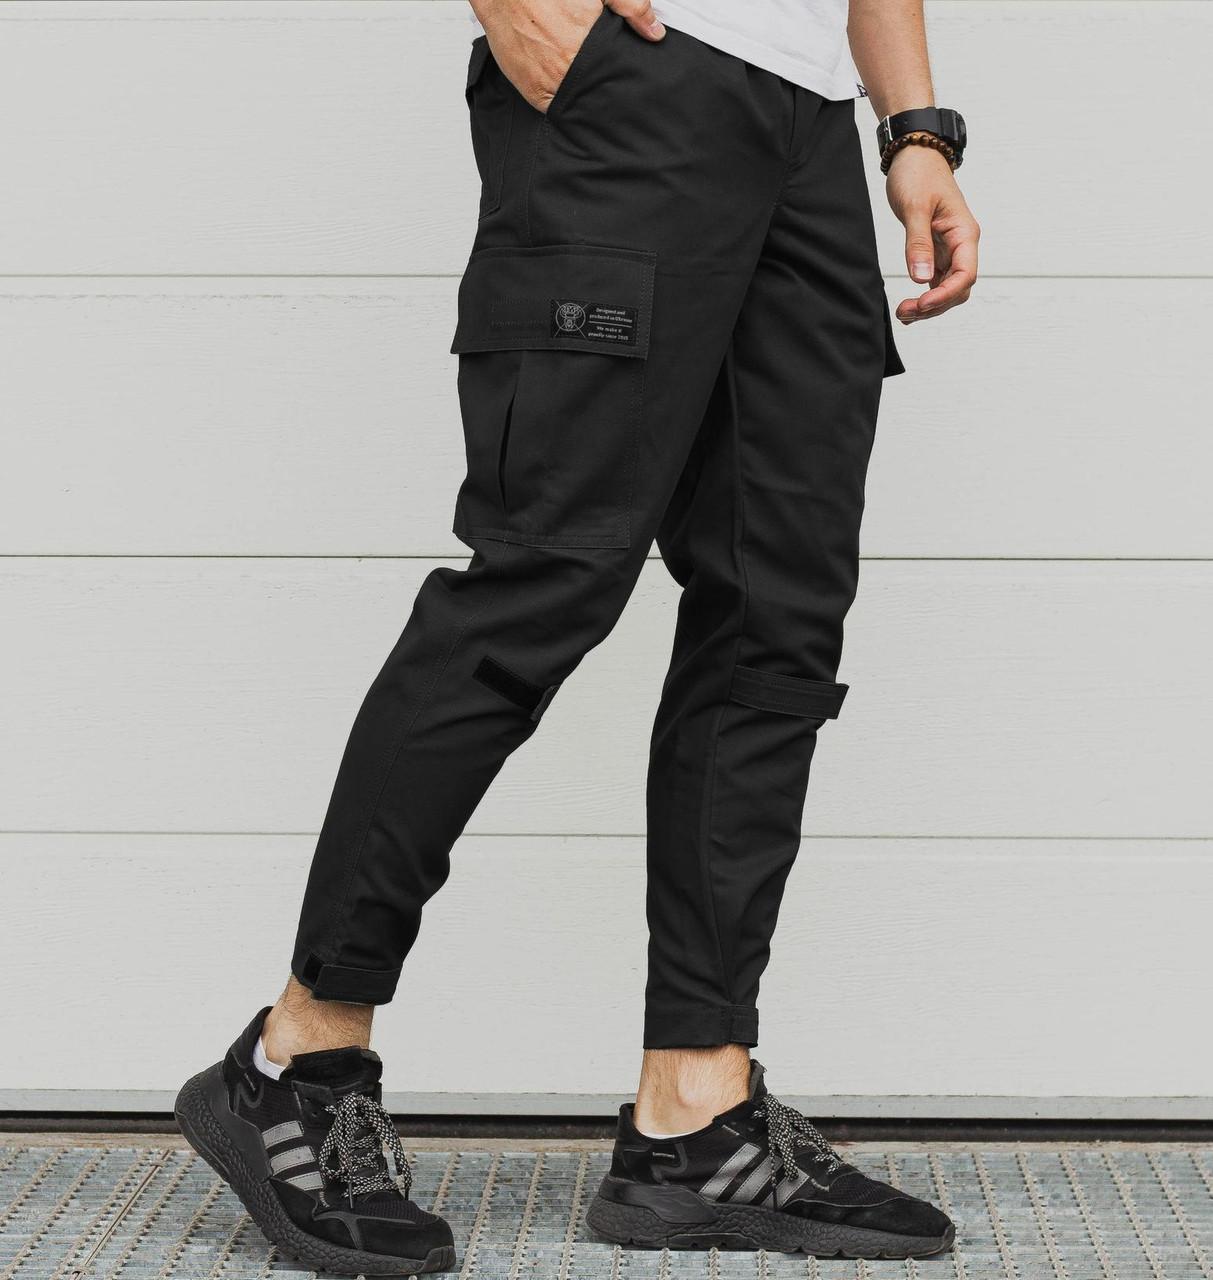 Мужские брюки карго черные   штаны джоггеры мужские весна-осень Турция. Живое фото (Брюки чоловічі)